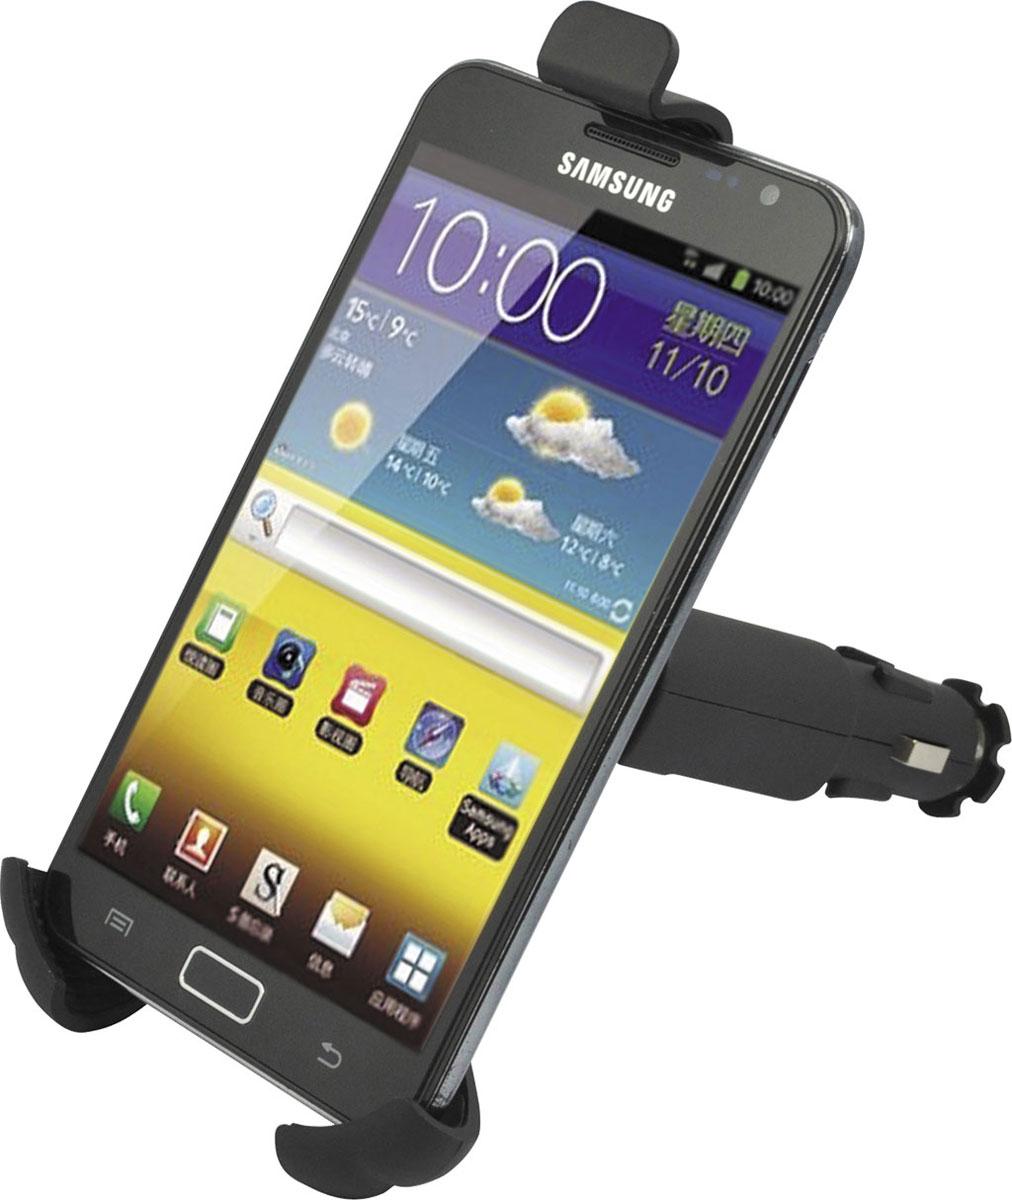 Держатель для телефона автомобильный Zipower. PM 6609PM 6609Автомобильный держатель для телефона Zipower подходит к любому автомобилю. Выполнен из высококачественного ABS пластика. Благодаря наличию в комплекте зарядного устройства USB ваш телефон или смартфон не разрядится в дороге. Держатель устанавливается в прикуриватель. Особенности держателя: Совместим со смартфонами: Samsung Galaxy Note 1, Samsung Galaxy Note 2, Samsung Galaxy S IV. Легко устанавливается, легко снимается. Поворот на 360°. Регулируемая ширина захвата: 55–85 мм. Регулируемая высота захвата: 118–152 мм.